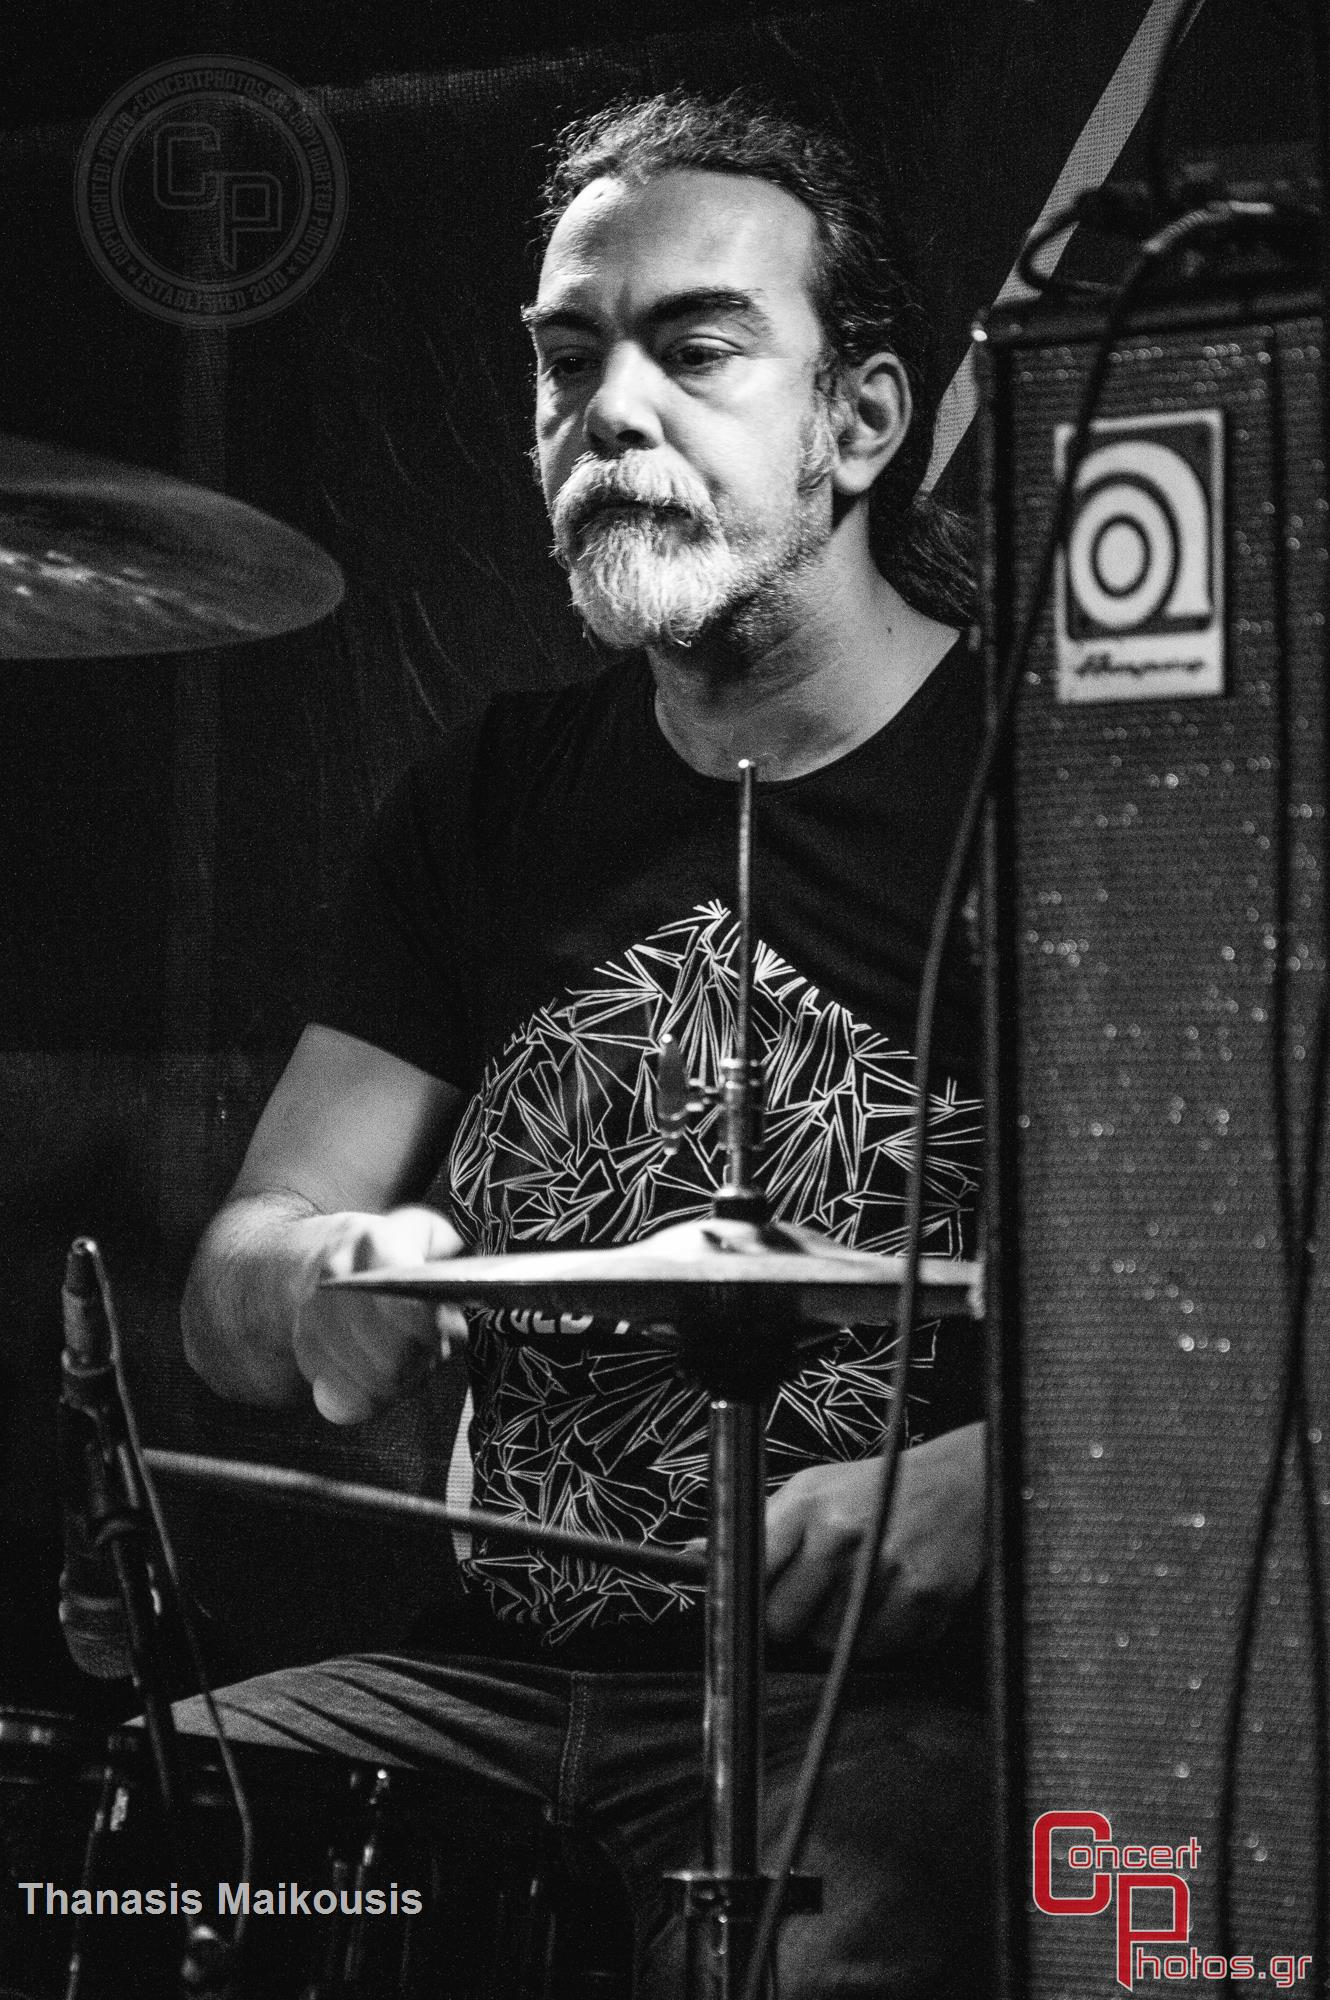 Battle Of The Bands Leg 5-Battle Of The Bands Leg 4 photographer: Thanasis Maikousis - ConcertPhotos - 20150315_2248_44